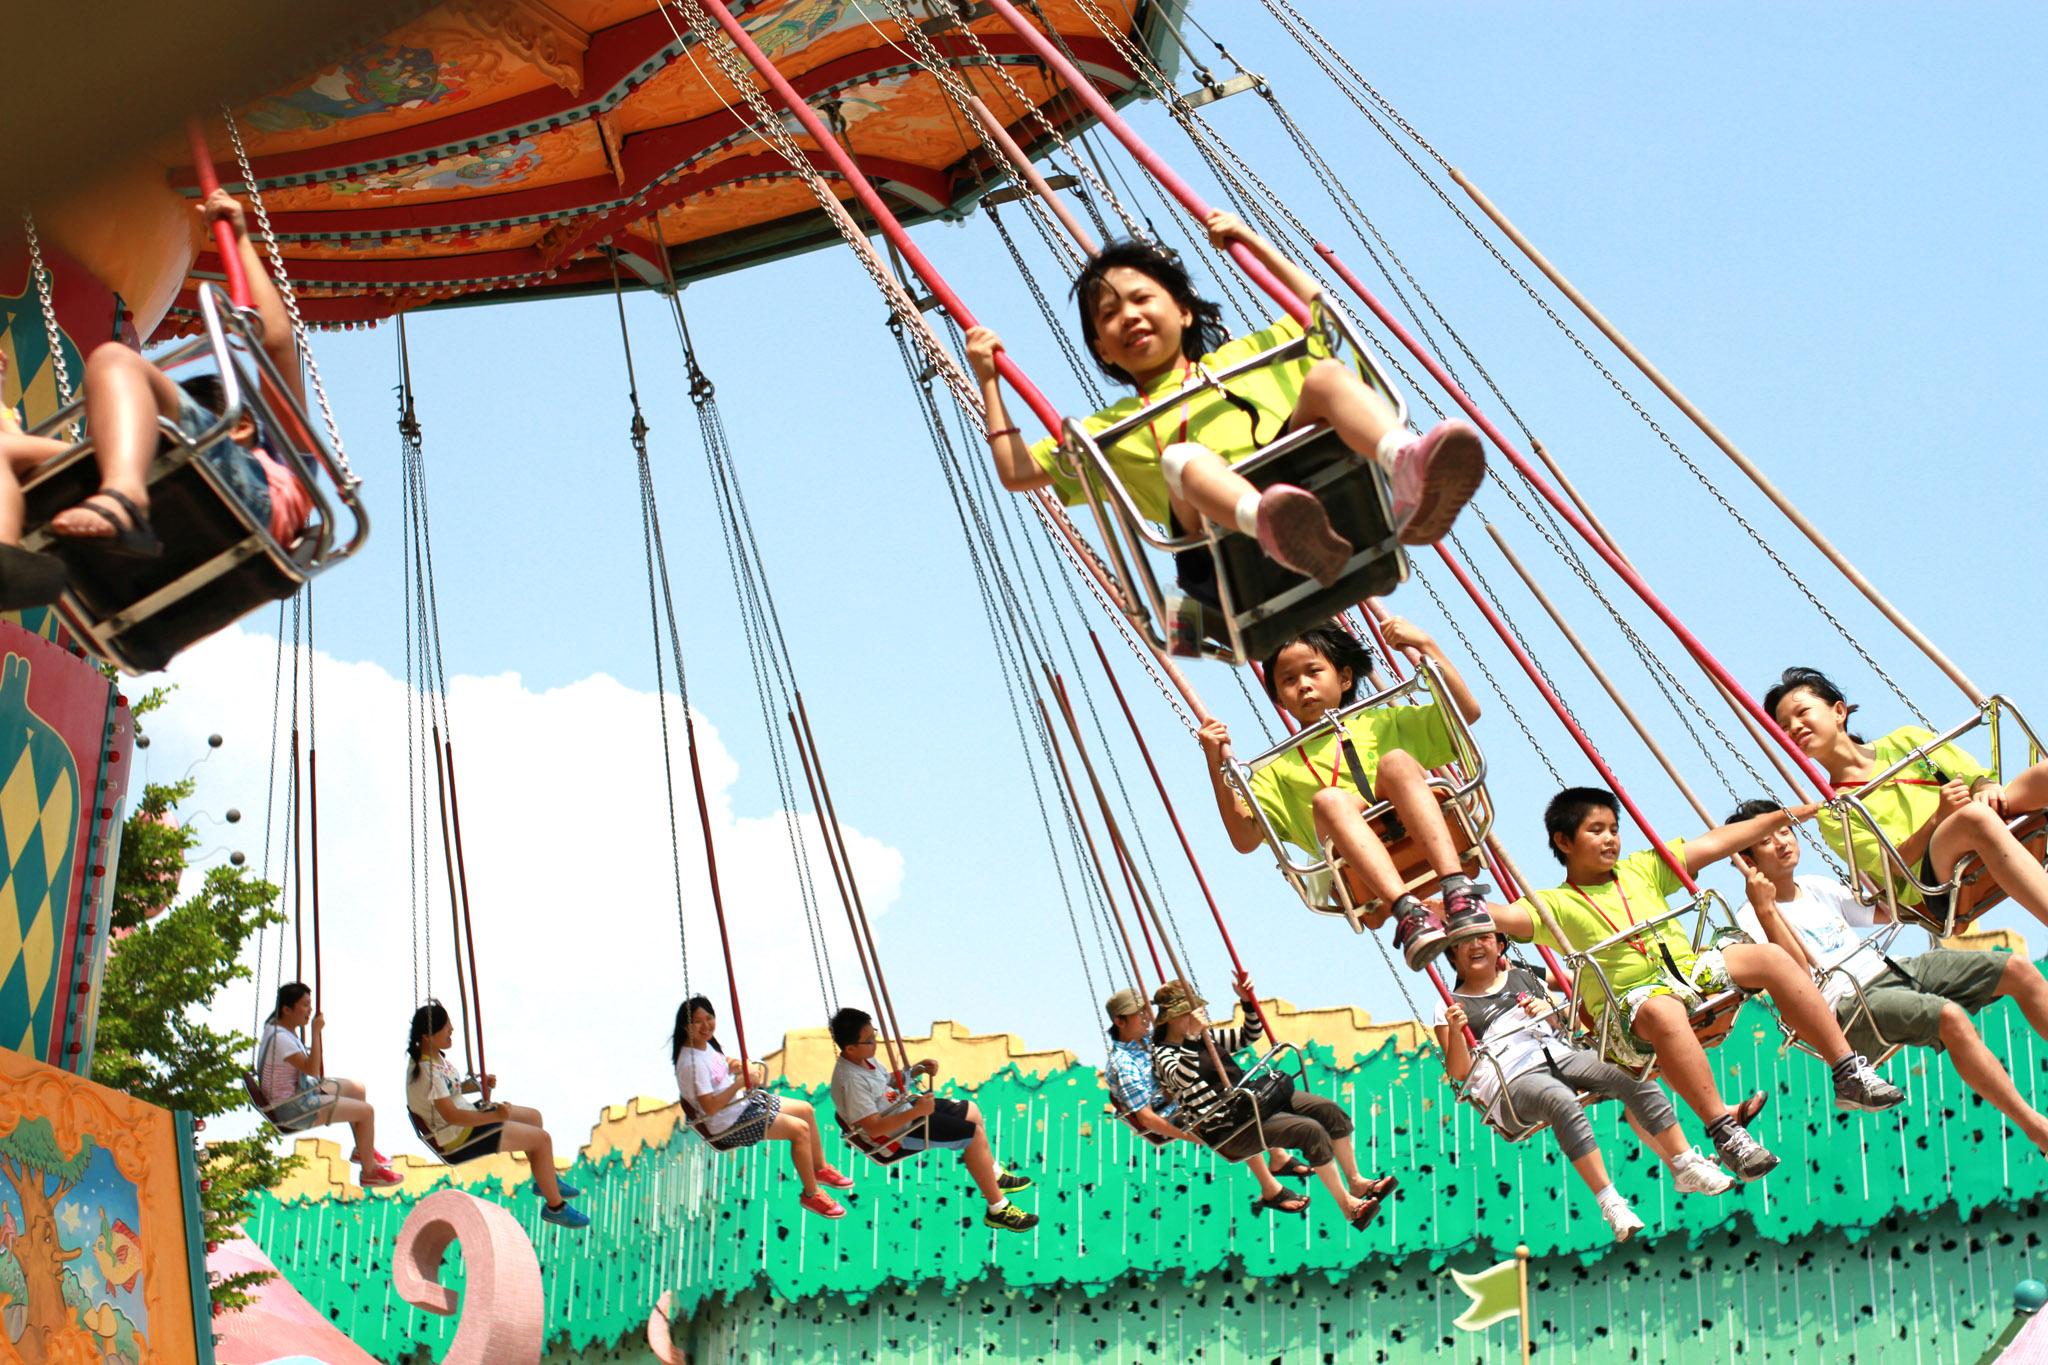 孩子們坐上從未見過的遊樂設施,臉上展露燦爛純真的笑容。